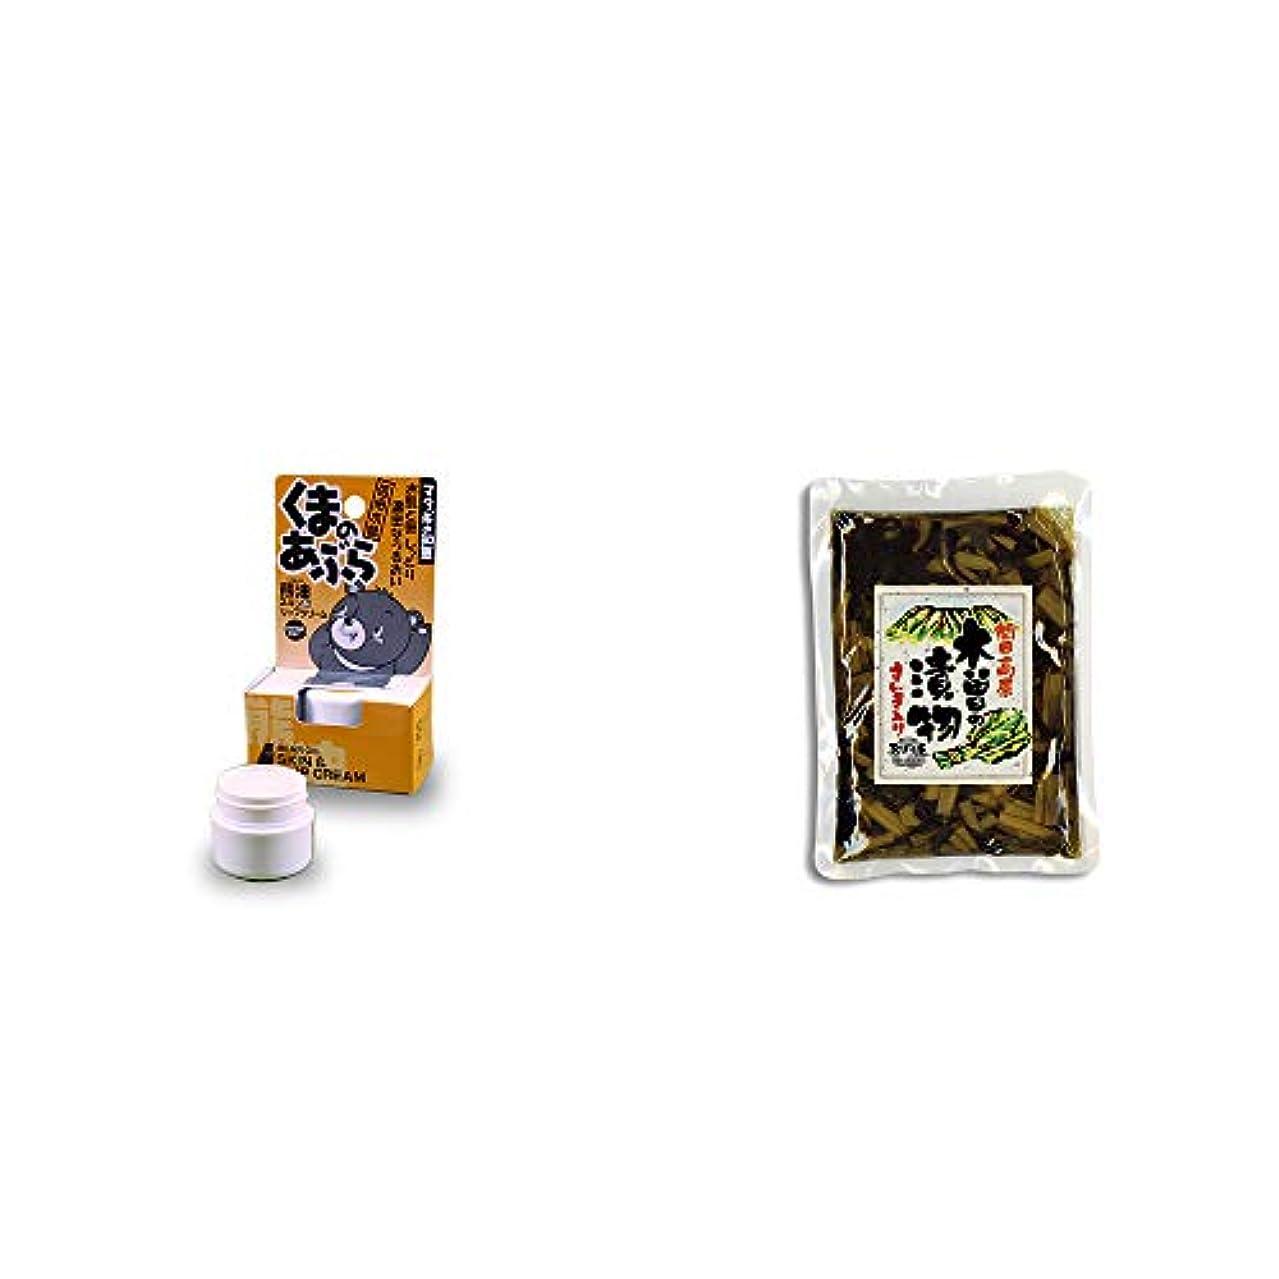 ショートカット正直トムオードリース[2点セット] 信州木曽 くまのあぶら 熊油スキン&リップクリーム(9g)?【年中販売】木曽の漬物 すんき入り(200g) / すんき漬け味付加工品 //